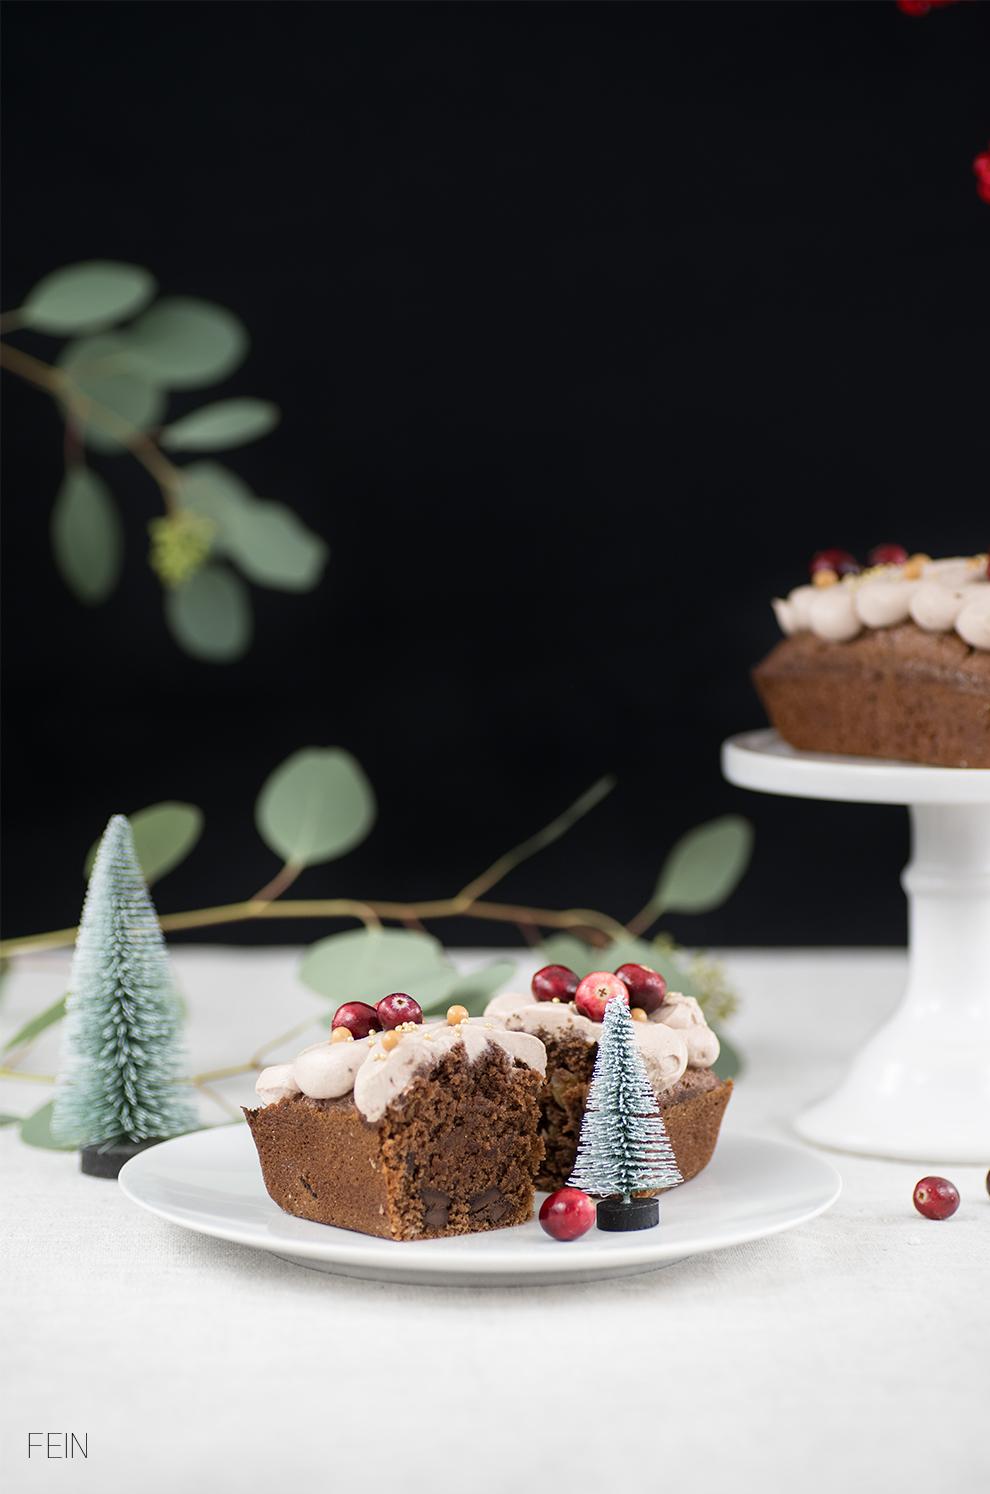 Nikolaus Geschenke gift xmas Weihnachten Schokolade